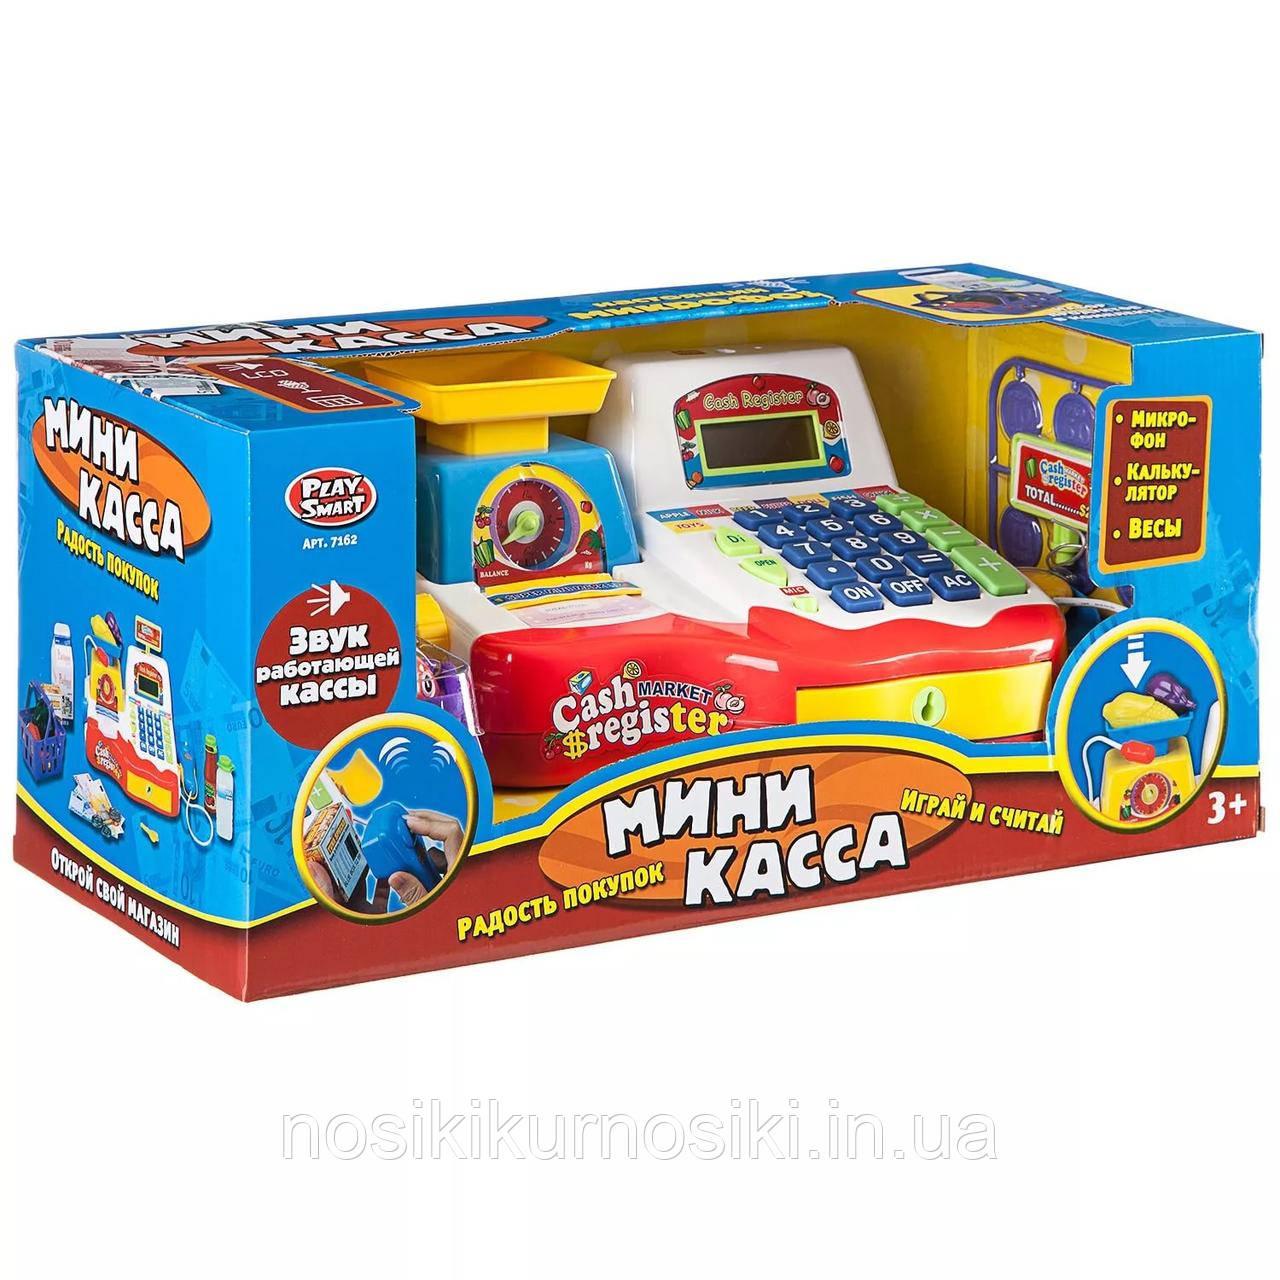 Касовий апарат зі сканером Міні Каса Play Smart 7162